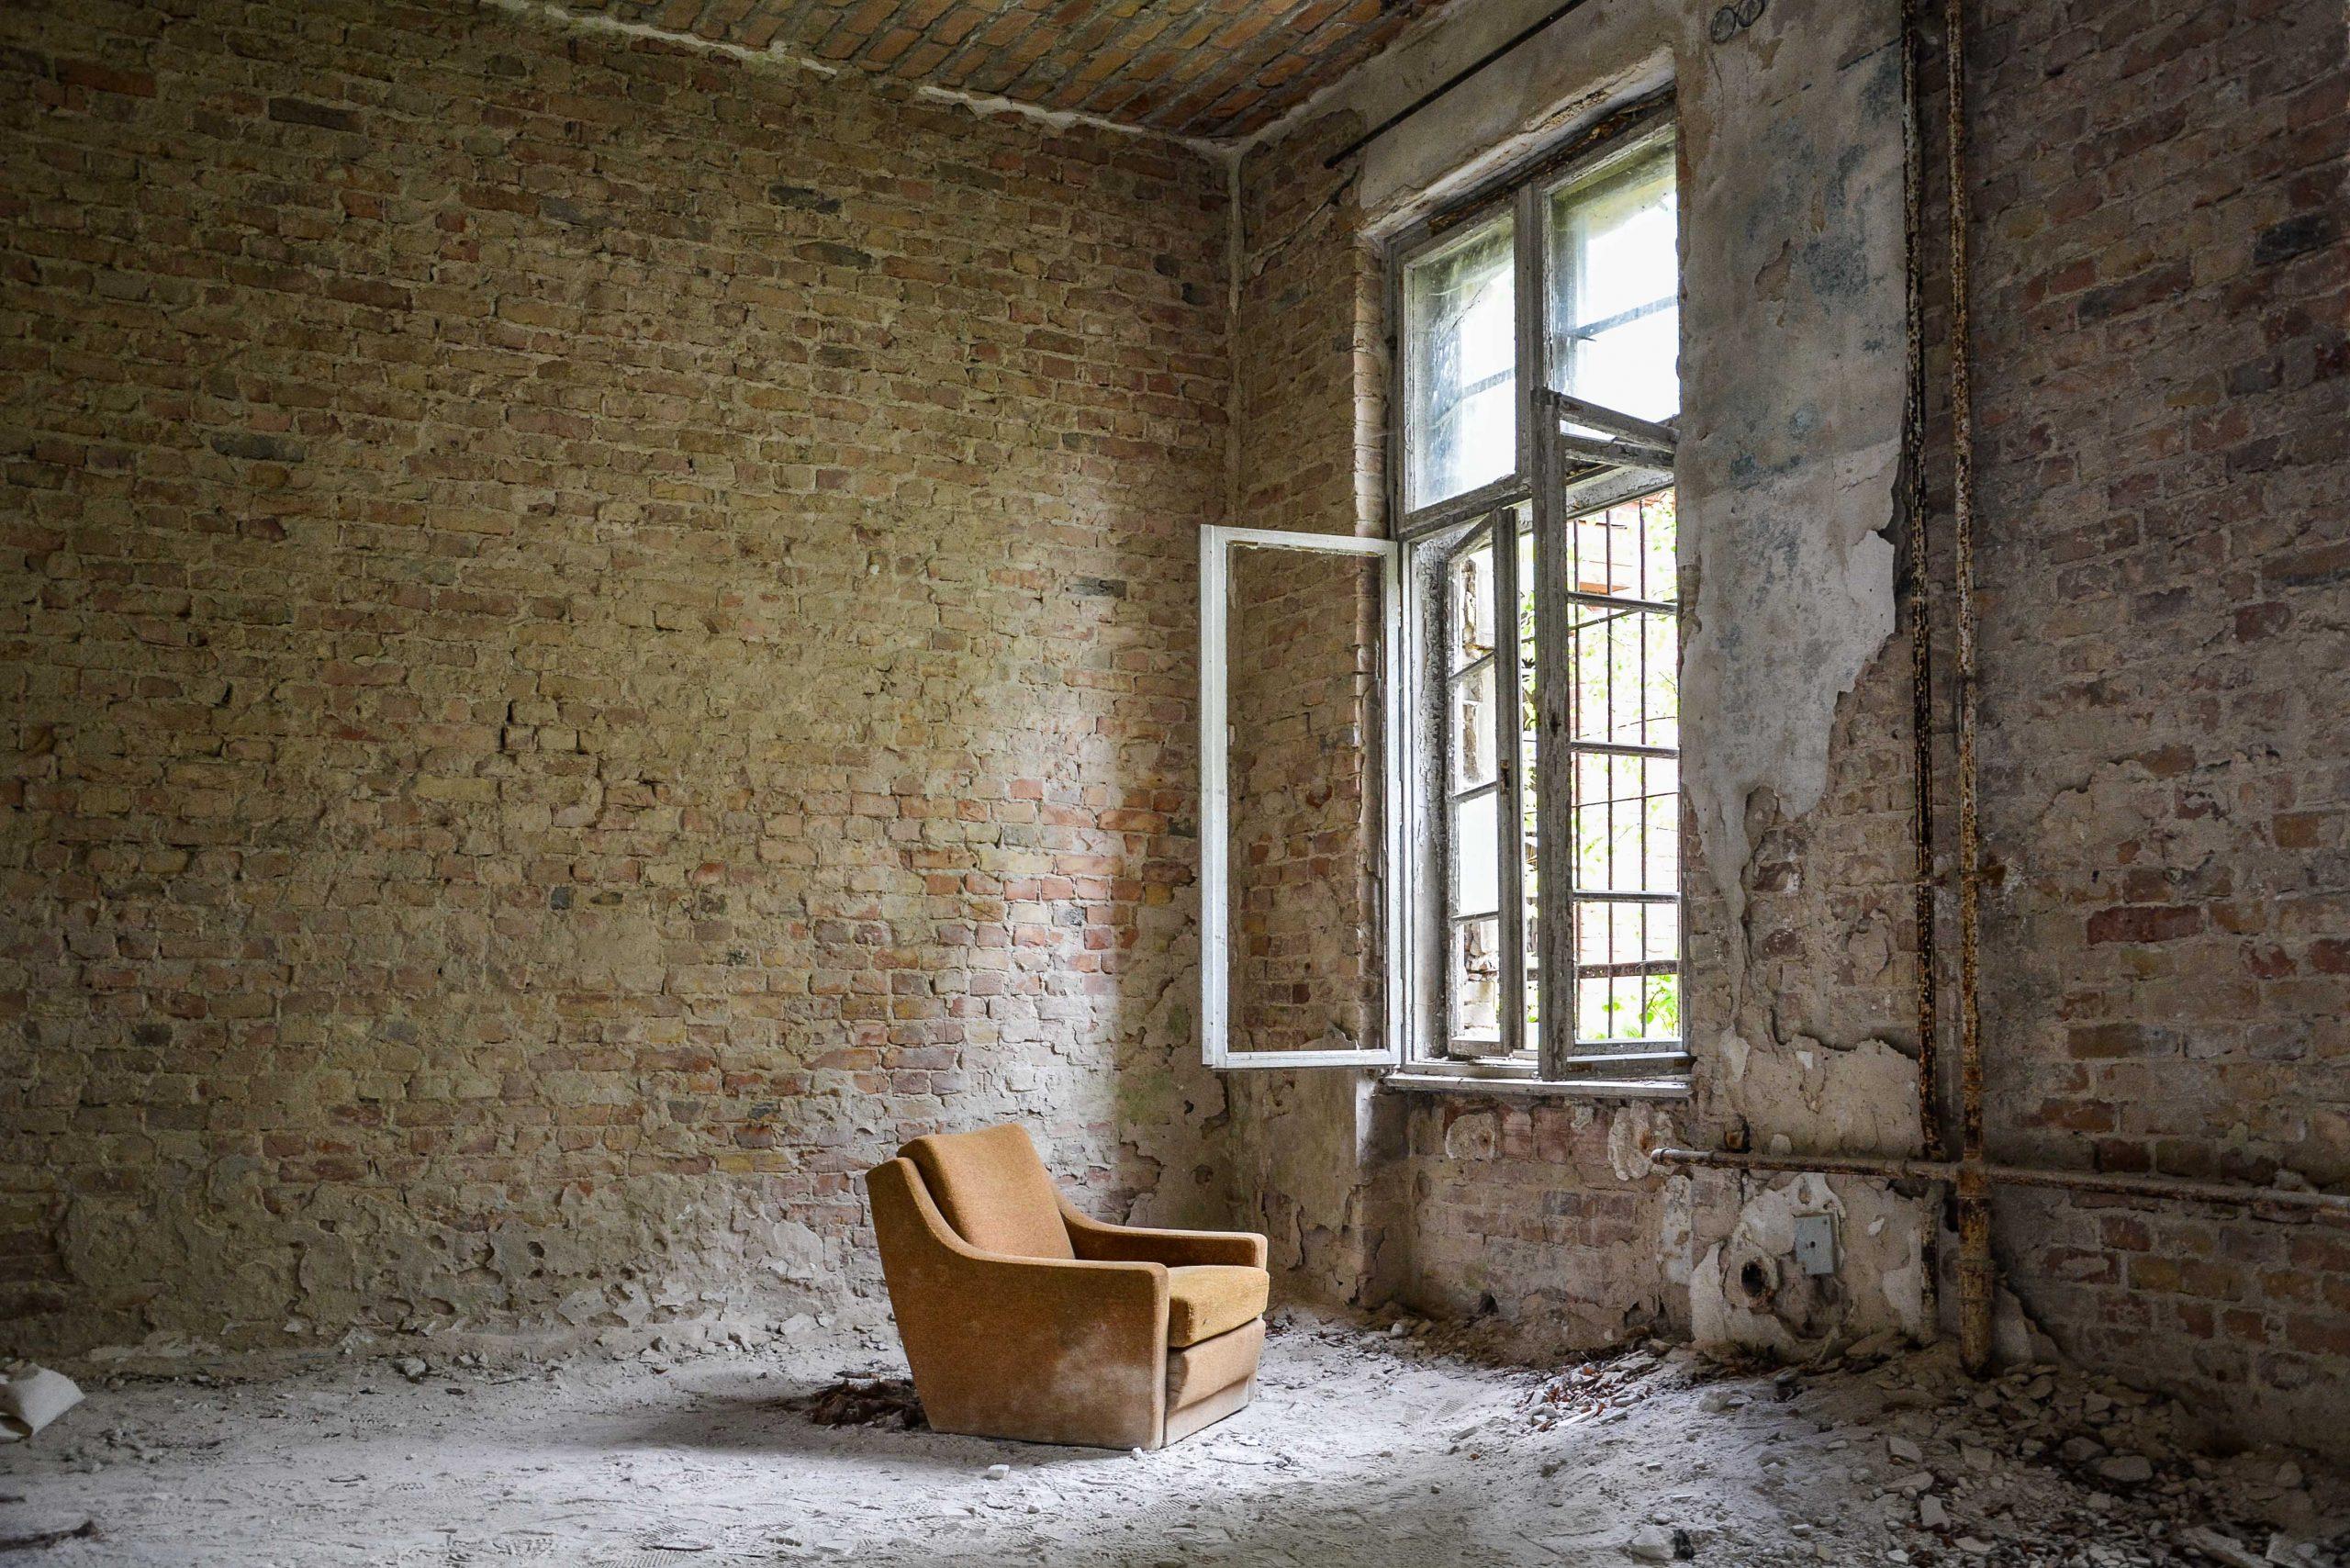 lone chair abandoned room tuberkulose heilstaette grabowsee sanatorium hospital oranienburg lost places abandoned urbex brandenburg germany deutschland